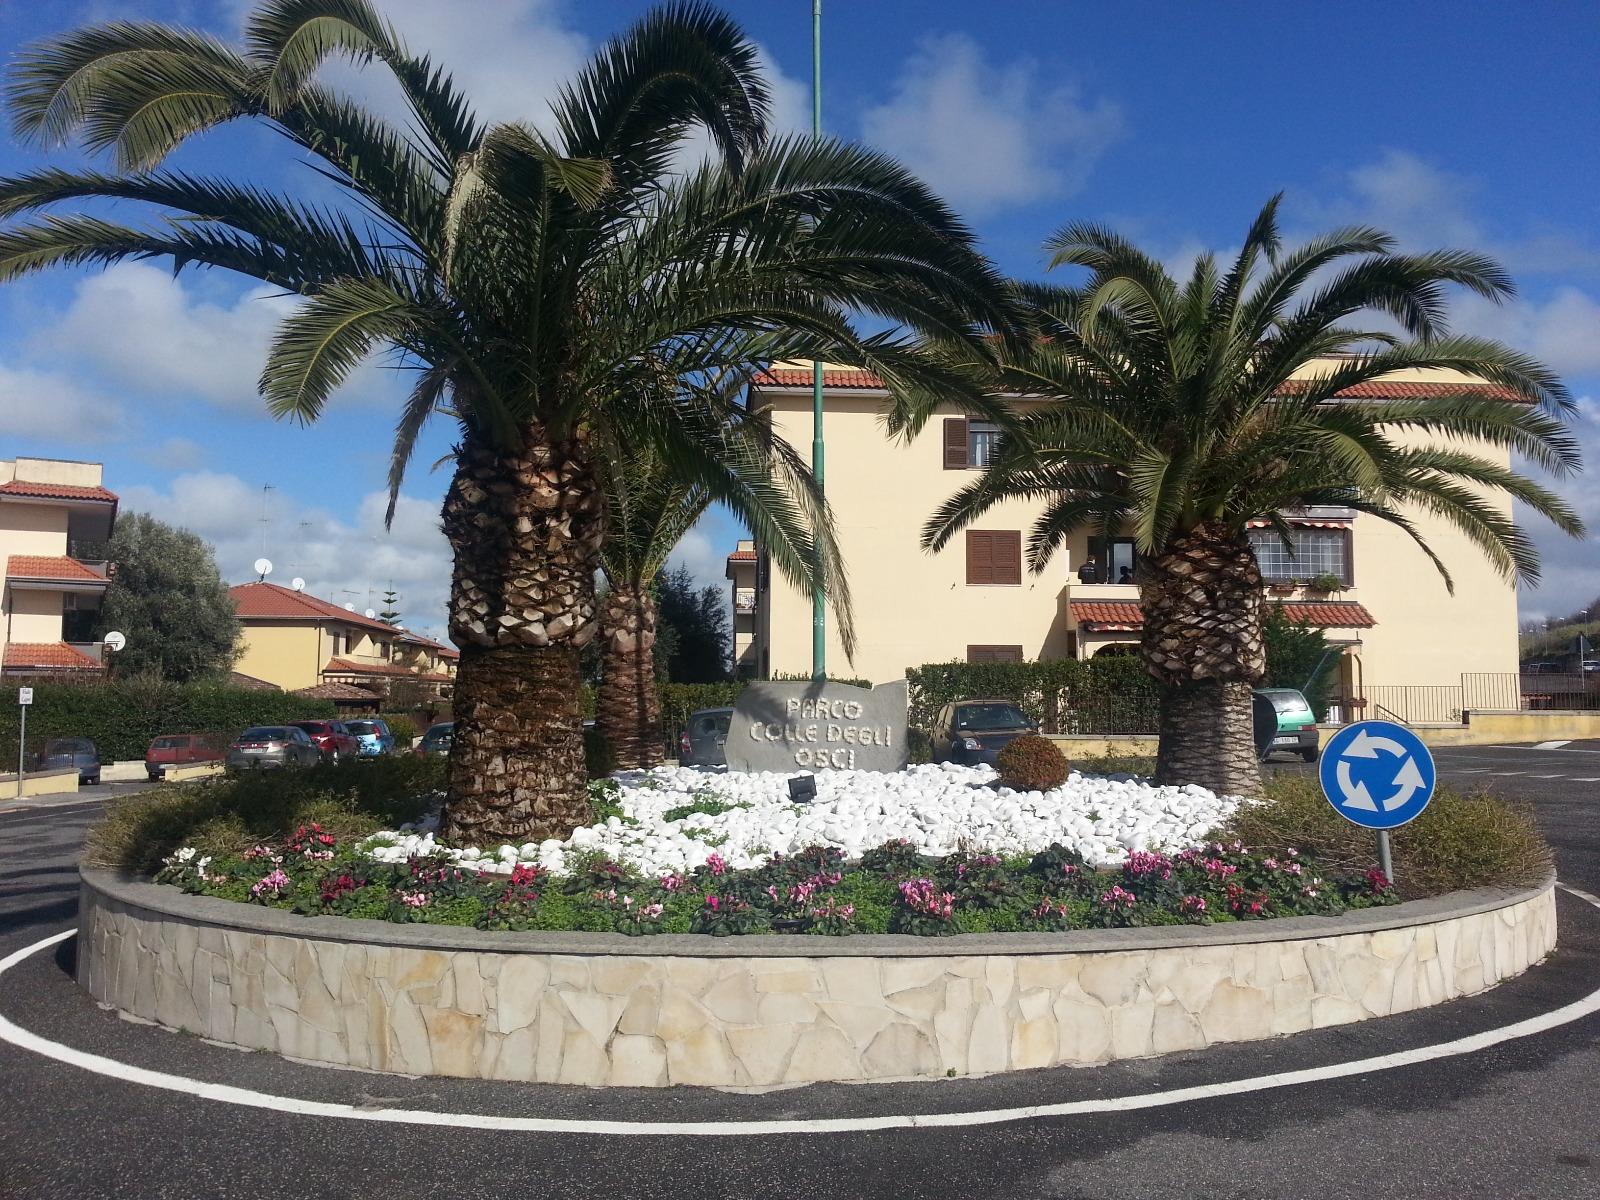 APPARTAMENTO CON 3 CAMERE Licola-Parco Colle degli Osci